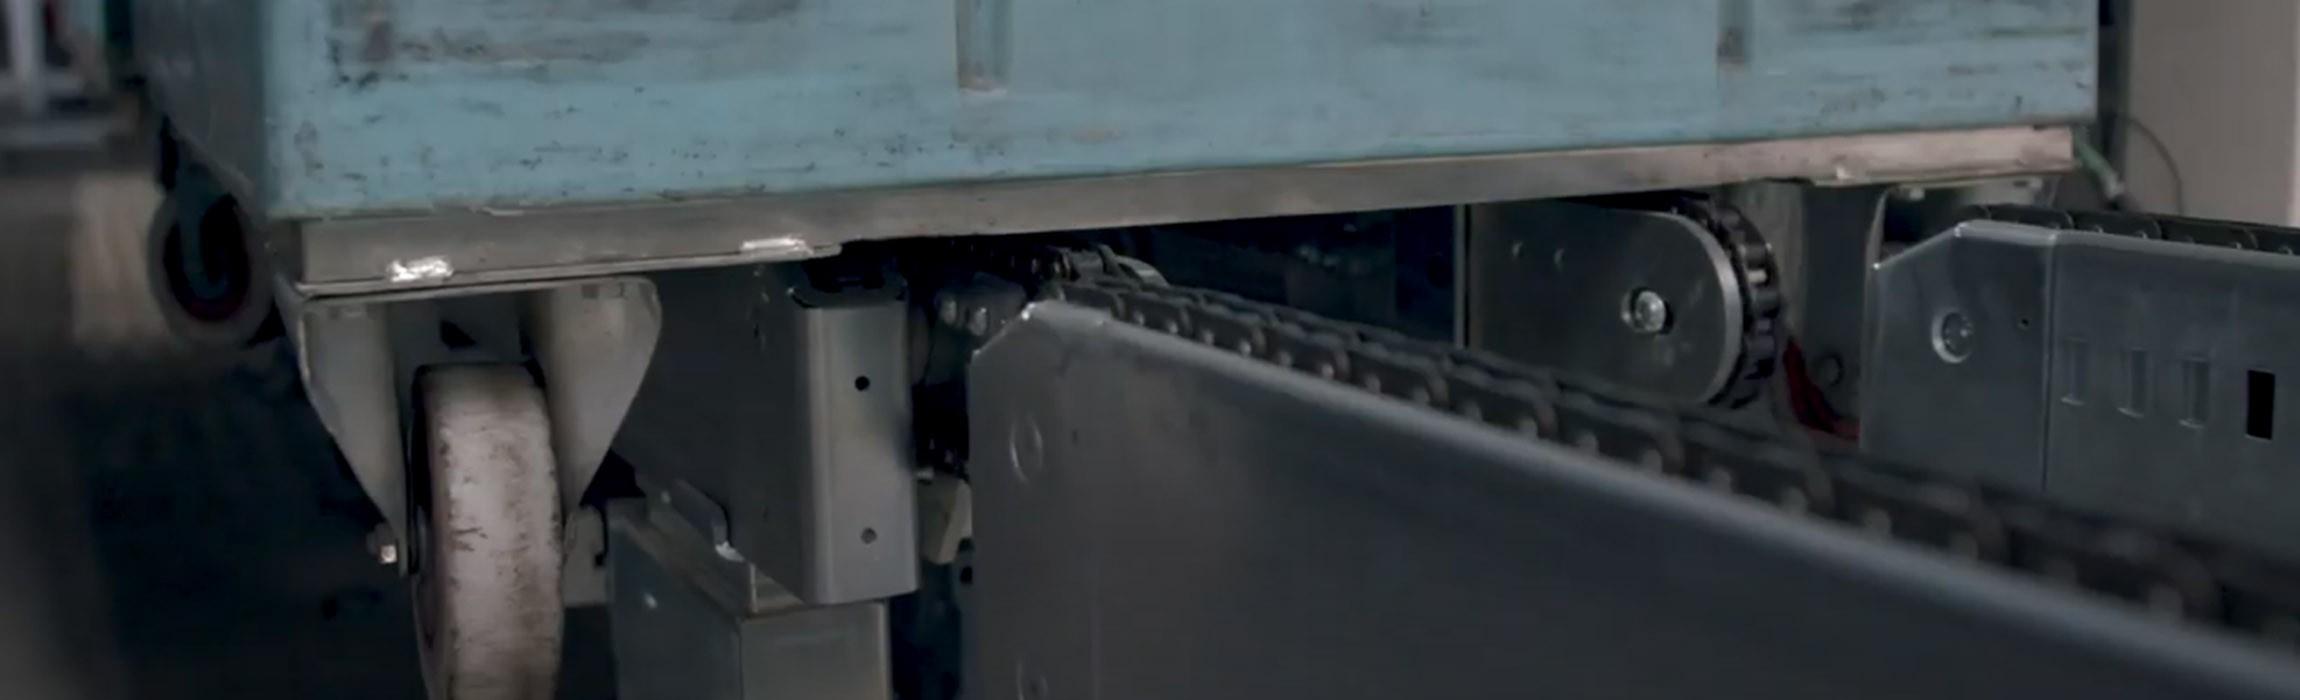 Rollcontainerfördertechnik - hoher Automatisierungsgrad & Durchsatzleistung mit TGW.